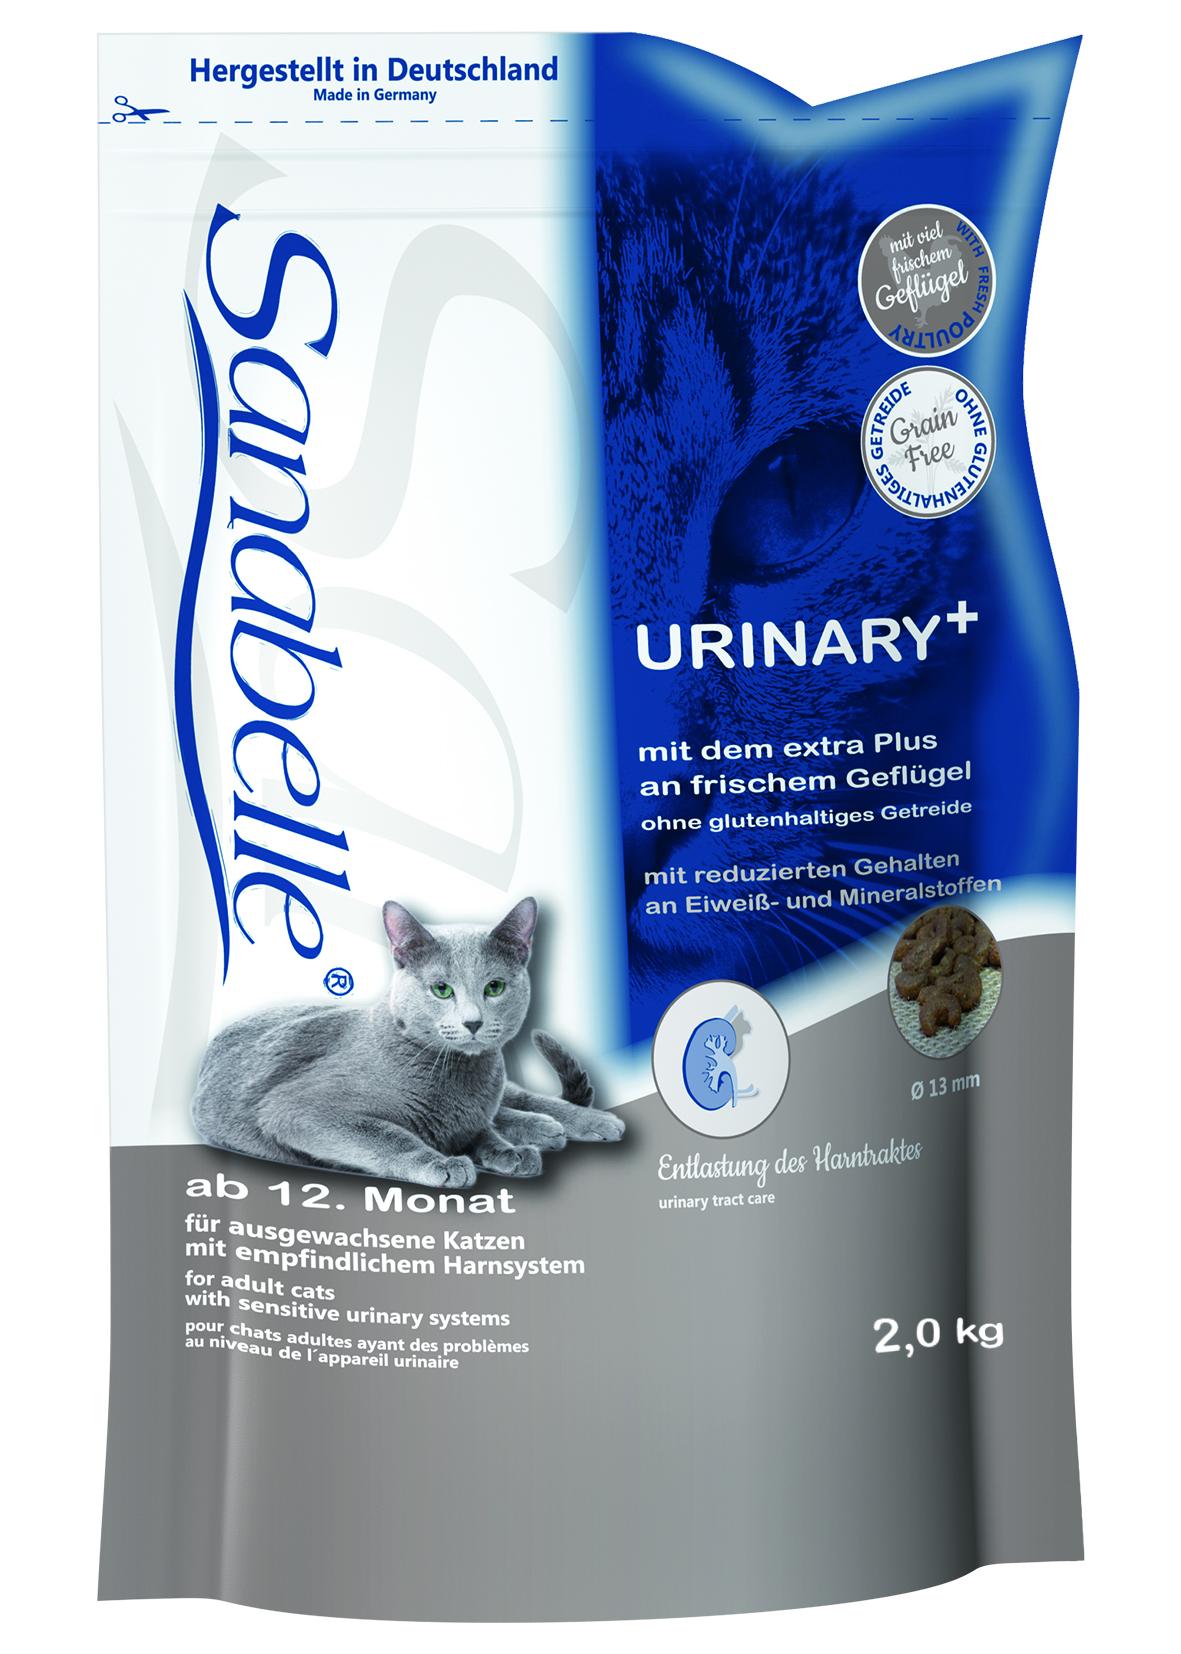 Корм сухой Sanabelle Urinary для кошек с чувствительной мочеполовой системой, 2 кг0120710Полностью сбалансированный высококачественный сухой корм для взрослых кошек с чувствительной мочеполовой системой. Ингредиенты: свежее мясо домашней птицы (мин. 20%), рис, животный жир, мука из свежего мяса, жировая клетчатка (дегидратированная), печень, гидролизованный протеин, свекольная пульпа (без сахара), клетчатка, льняное семя, рыбий жир, дрожжи, карбонат кальция, хлорид калия, клюква, черника, мука из мидий, цикориевая пудра, сушеные цветки бархатцев, экстракт юкки. Состав: протеин 24,5%, содержание жира 21,5%, клетчатка 4,5%, минеральные вещества 4,4%, магний 0,05%, влажность 10,0%. Экстрактивные вещества, не содержащие азот 35,1%.Основные добавки: Пищевые добавки на 1 кг корма: Витамин А 25.000 МЕ, Витамин Д3 1.500 МЕ, Витамин Е 600 мг, таурин 2.000 мг, медь (в форме сульфата меди (2), пентагидрат) 10 мг, цинк (в форме окиси цинка) 30 мг, цинк (в аминокислотной хелатной форме, гидрат) 70 мг, йод (в форме йодида кальция, безводный) 2 мг, селен (в форме селенита натрия) 0,2 мг. Товар сертифицирован.